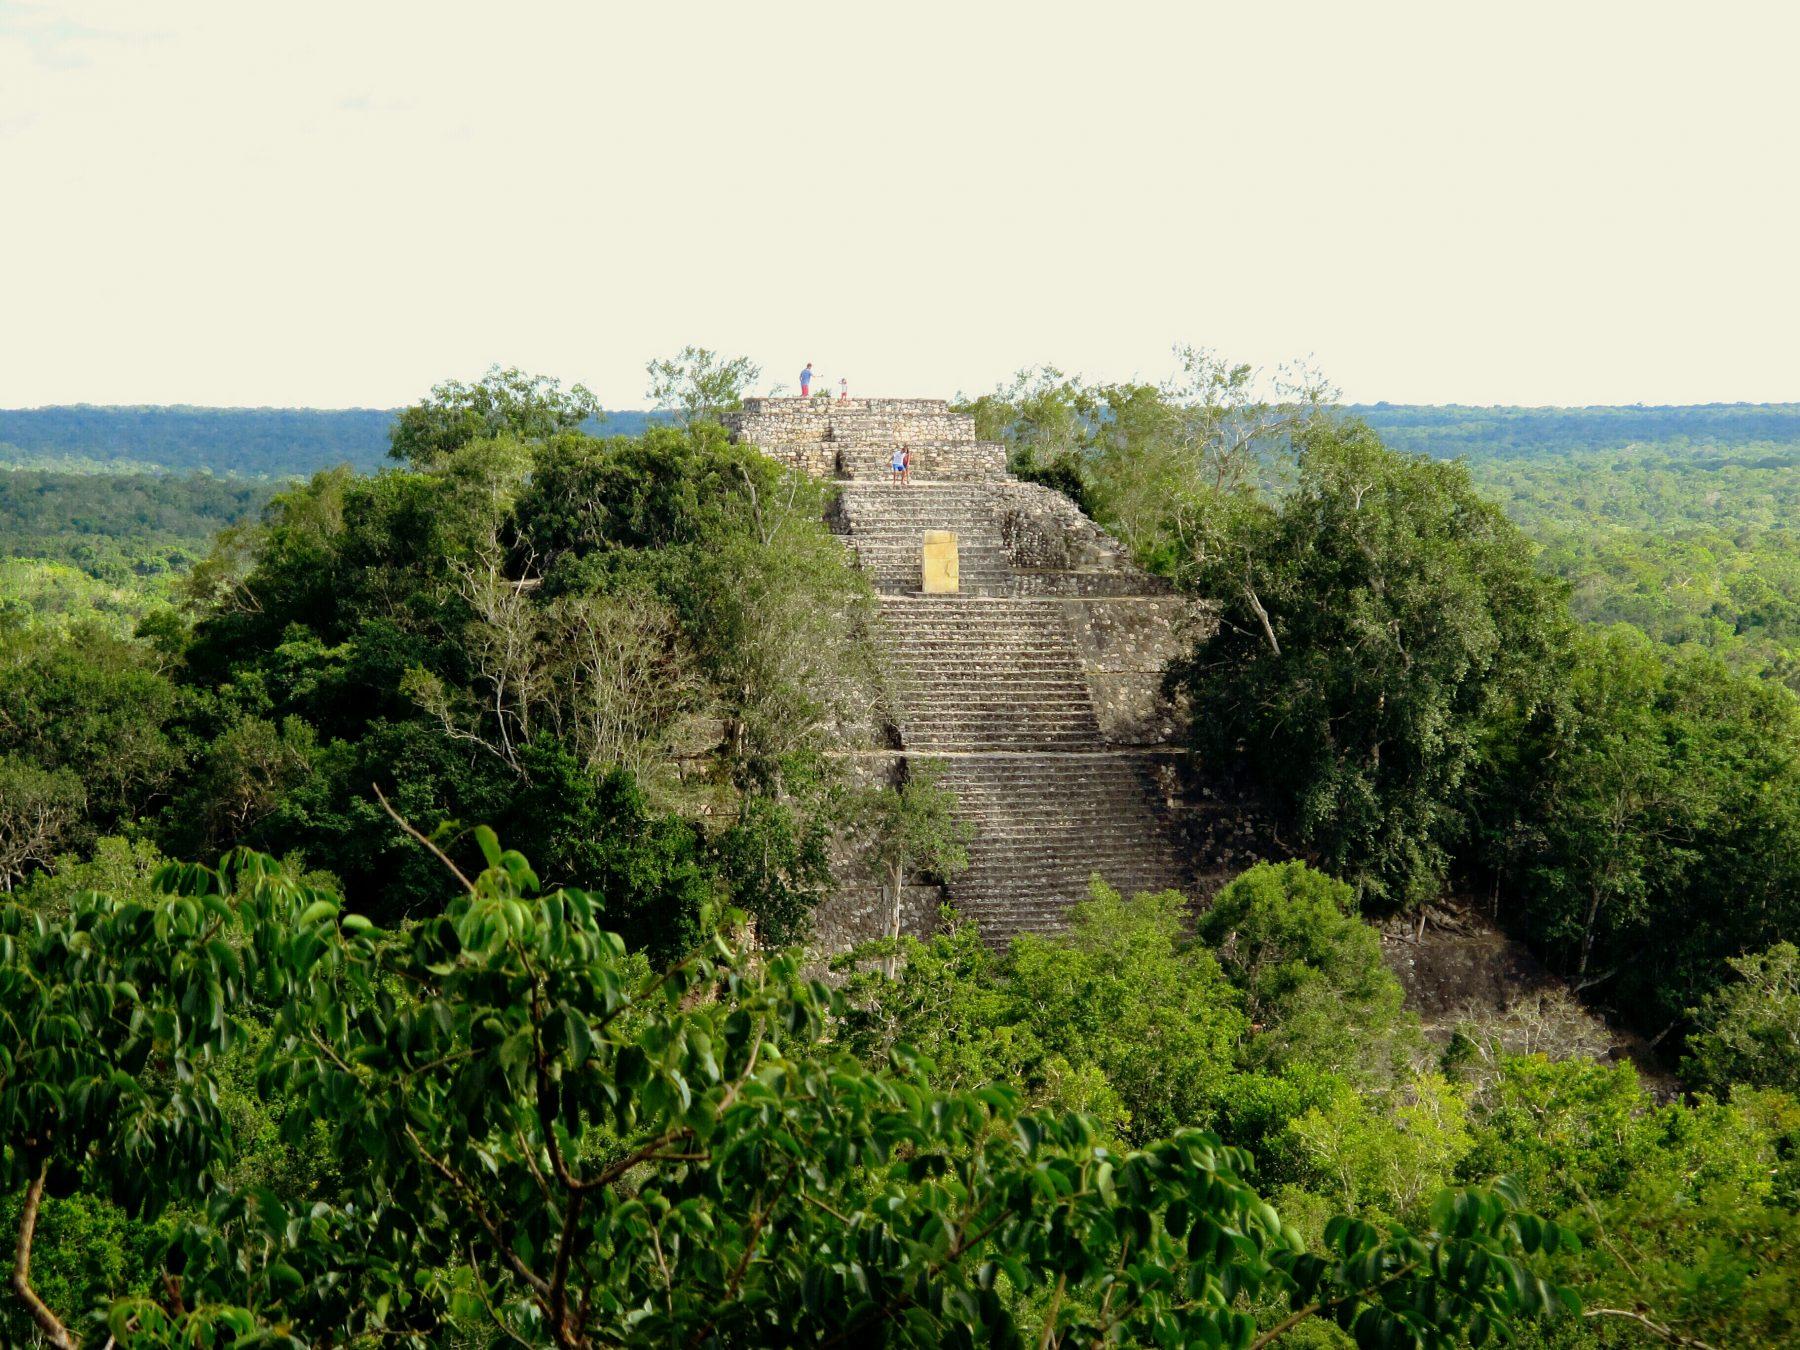 Une des structures du site de Calakmul dans l'état de Campeche